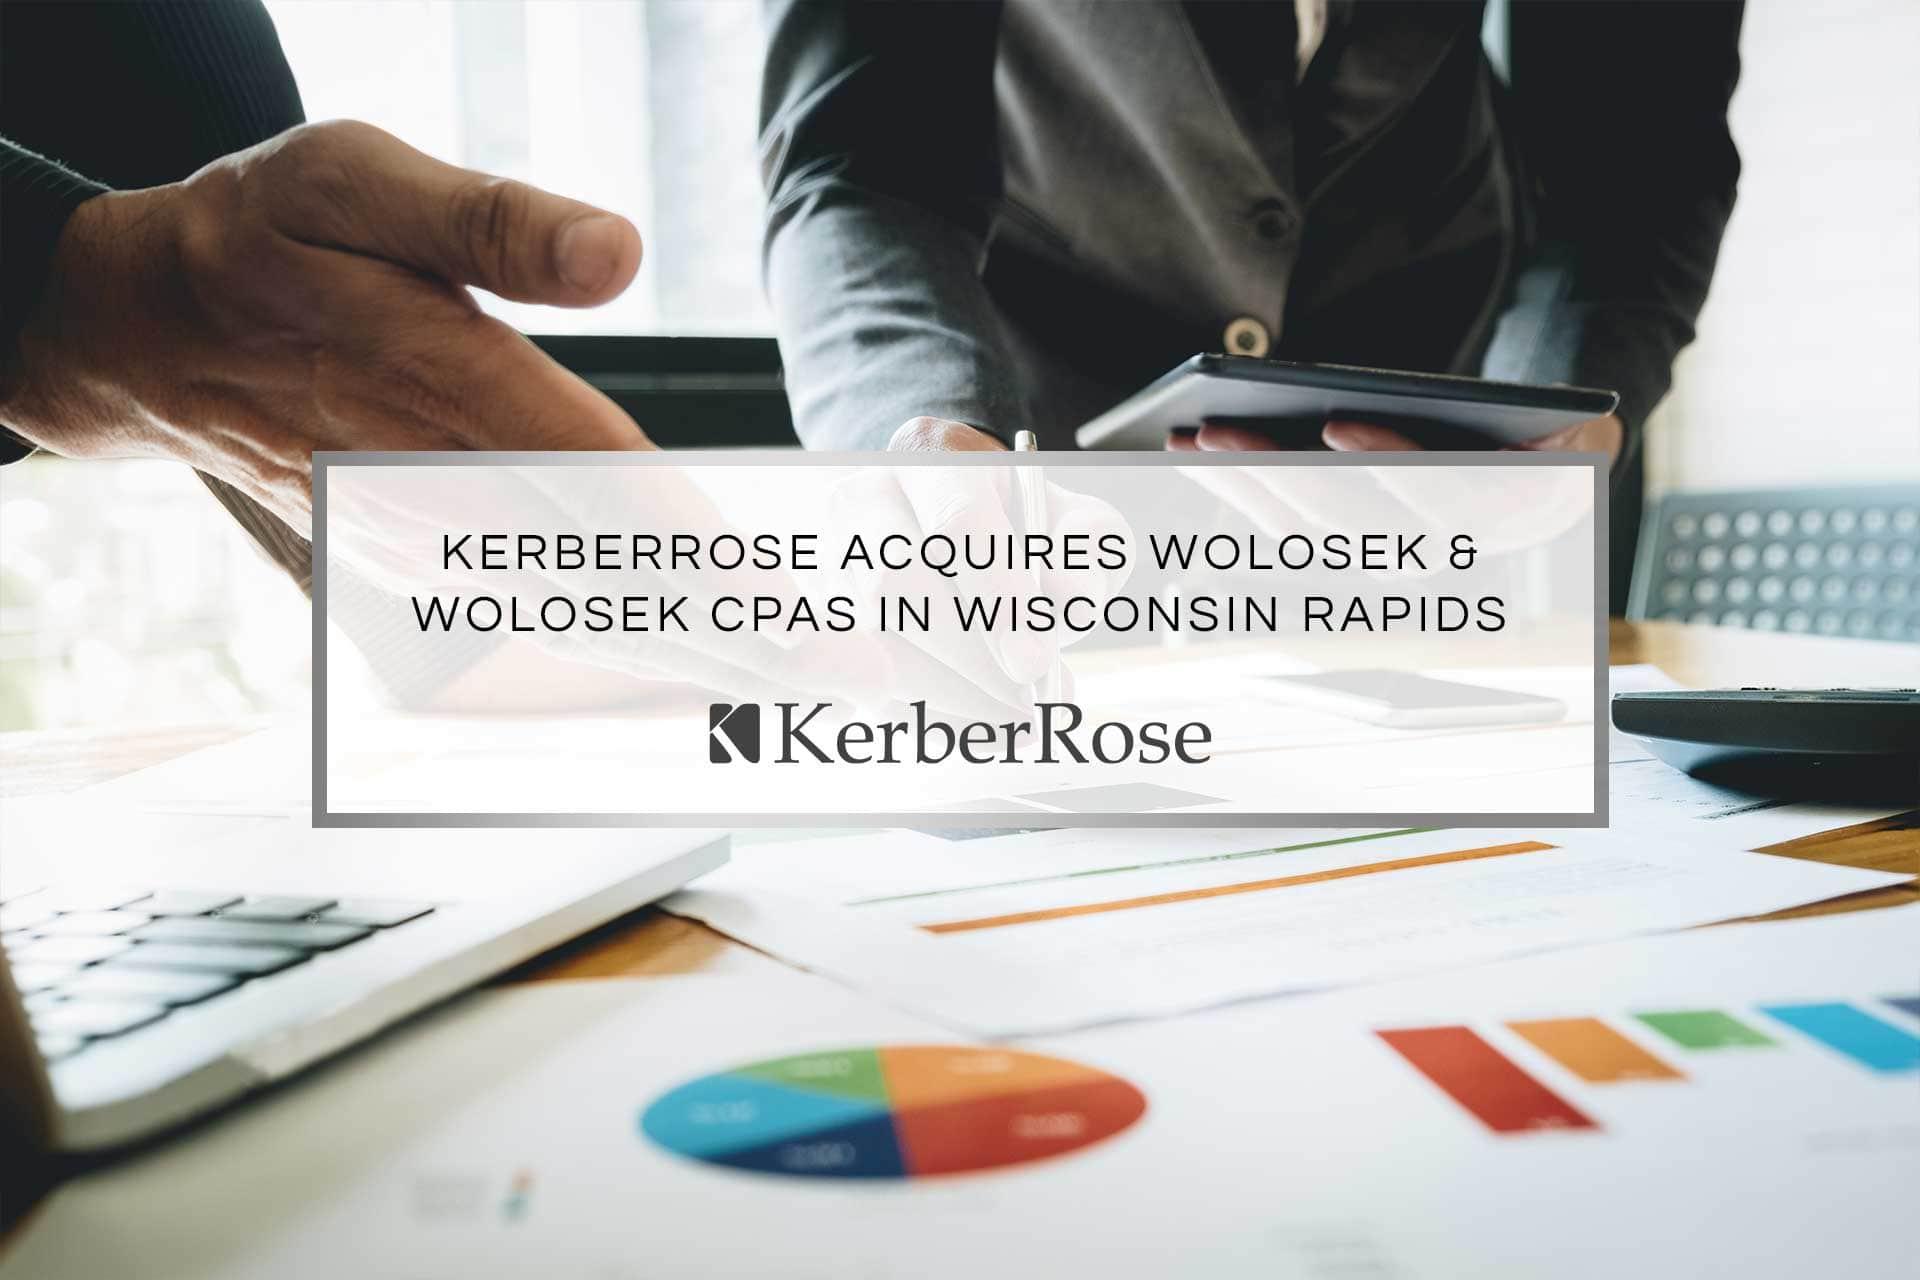 KerberRose Acquires Wolosek-Wolosek CPAs in Wisconsin Rapids | KerberRose